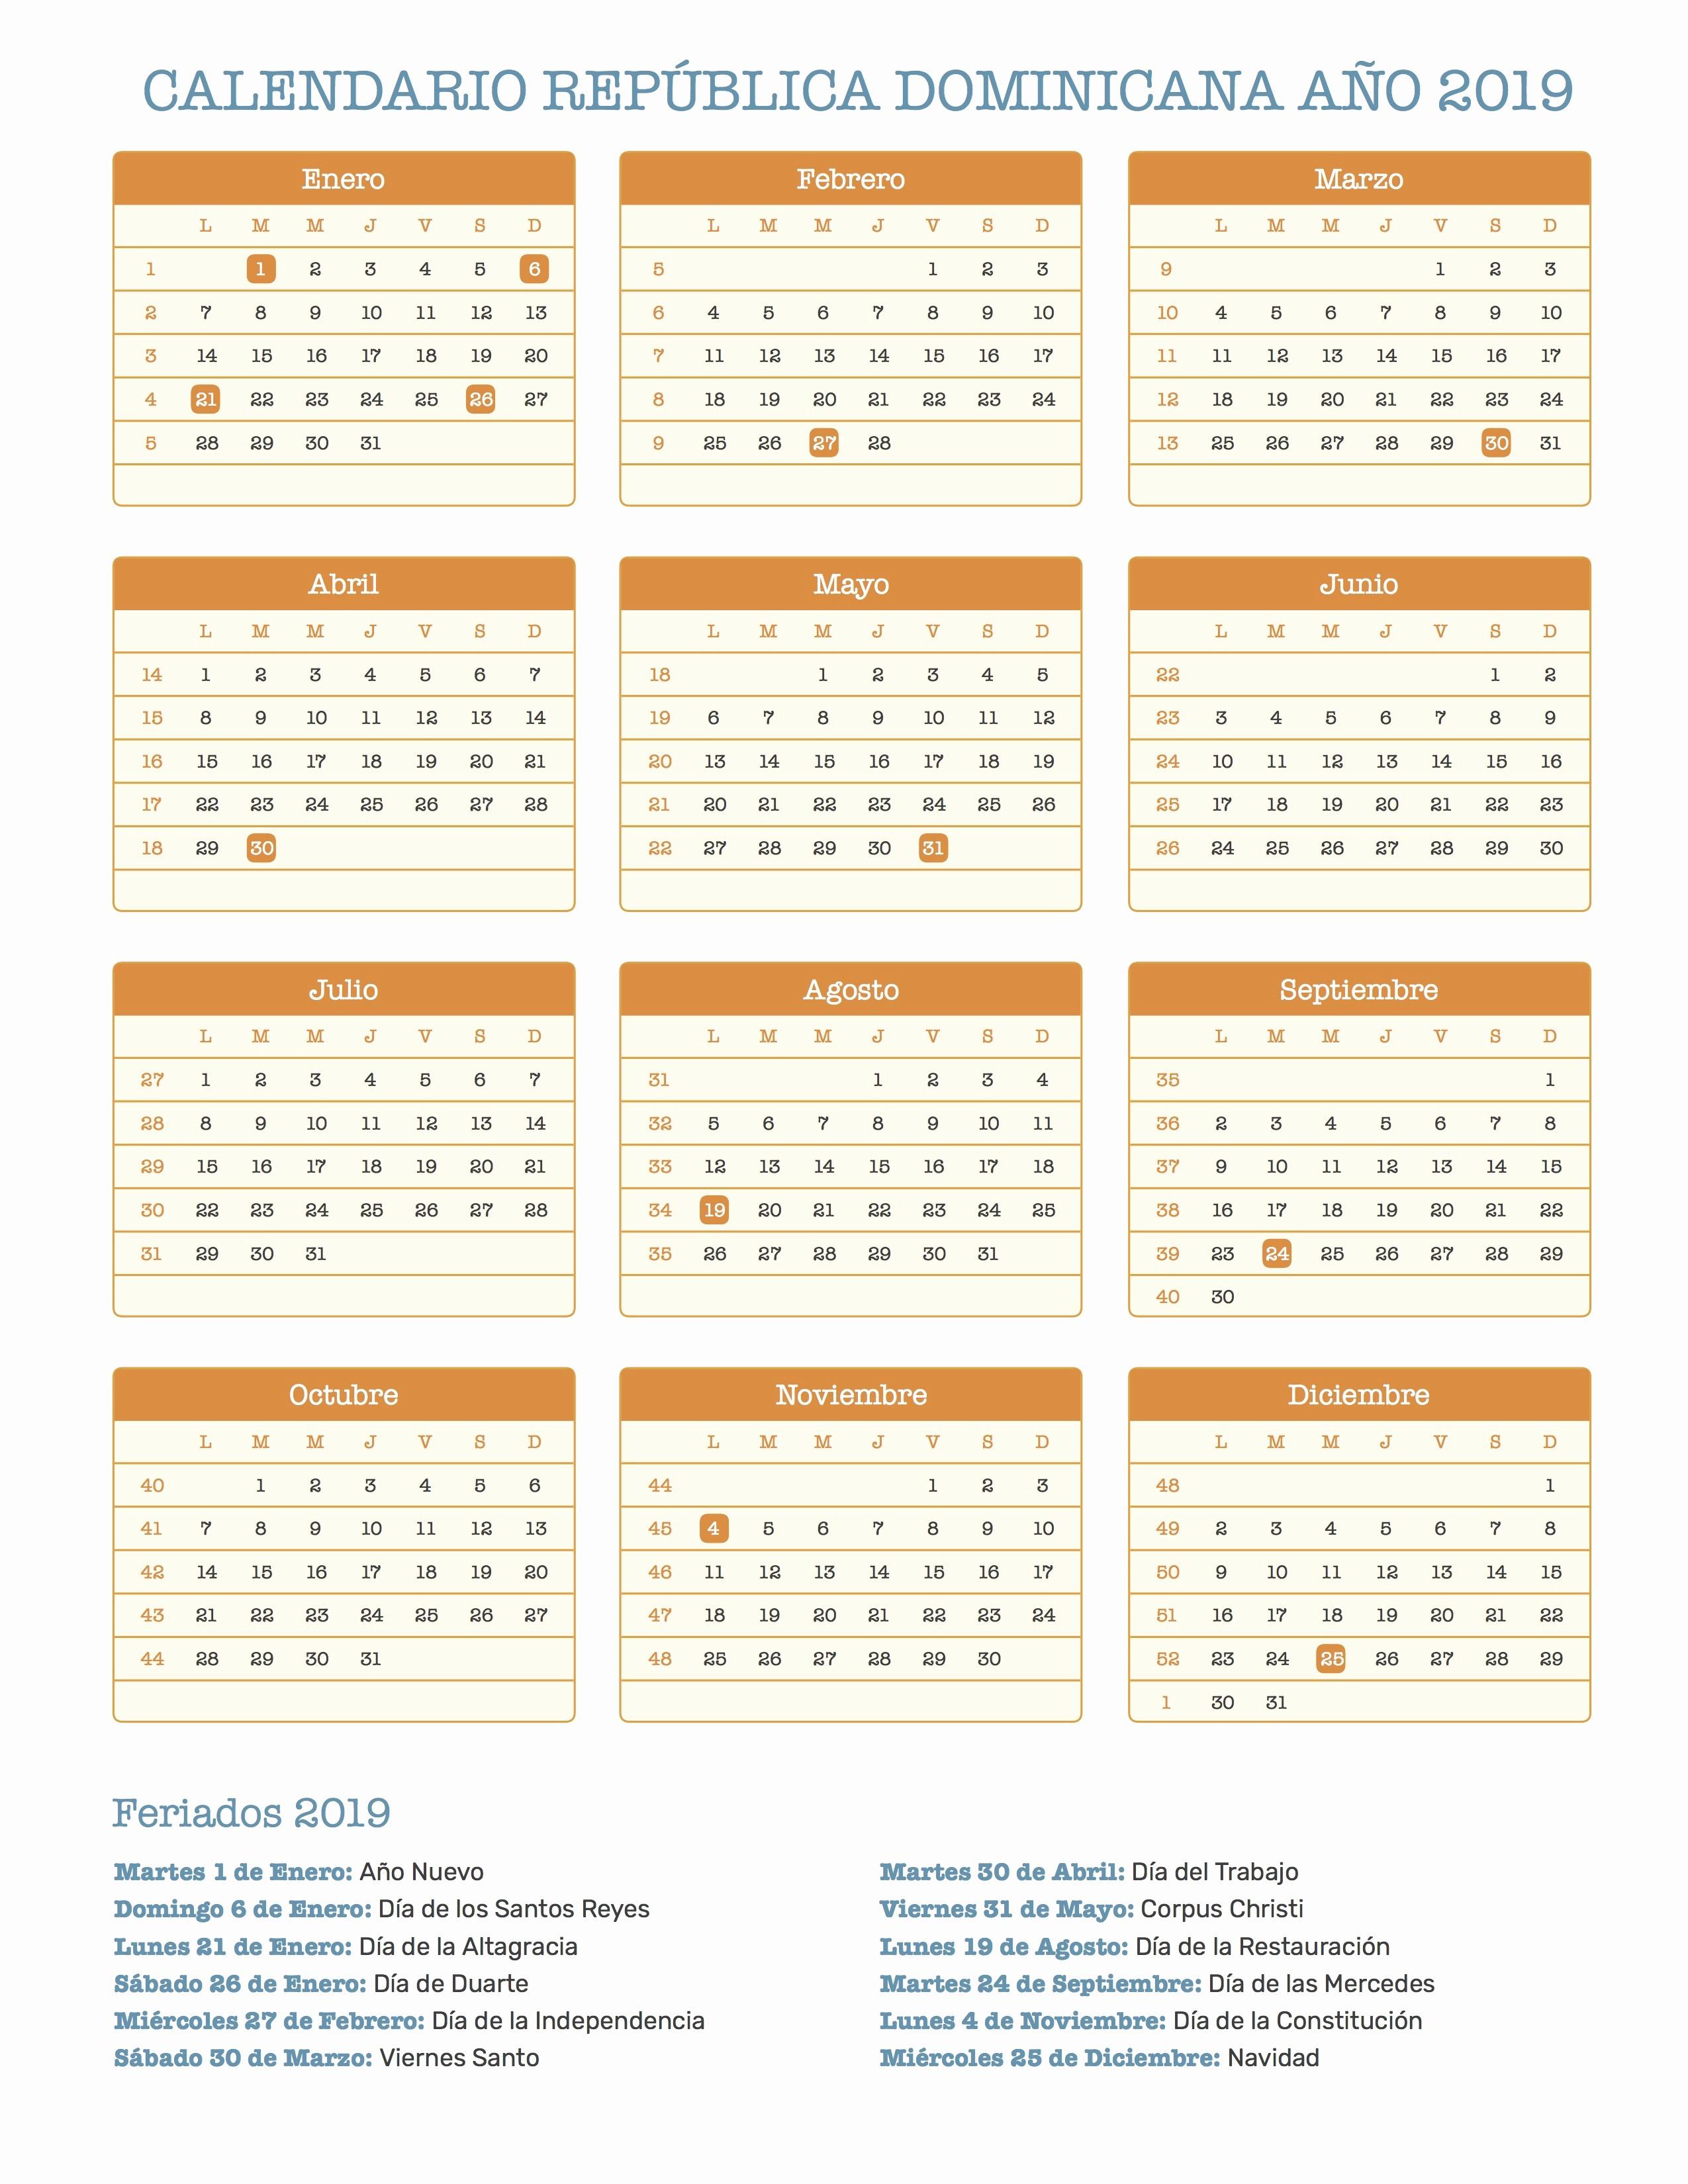 Etsidi Calendario 2019 Calendario Republica Dominicana Ano 2019 Feriados